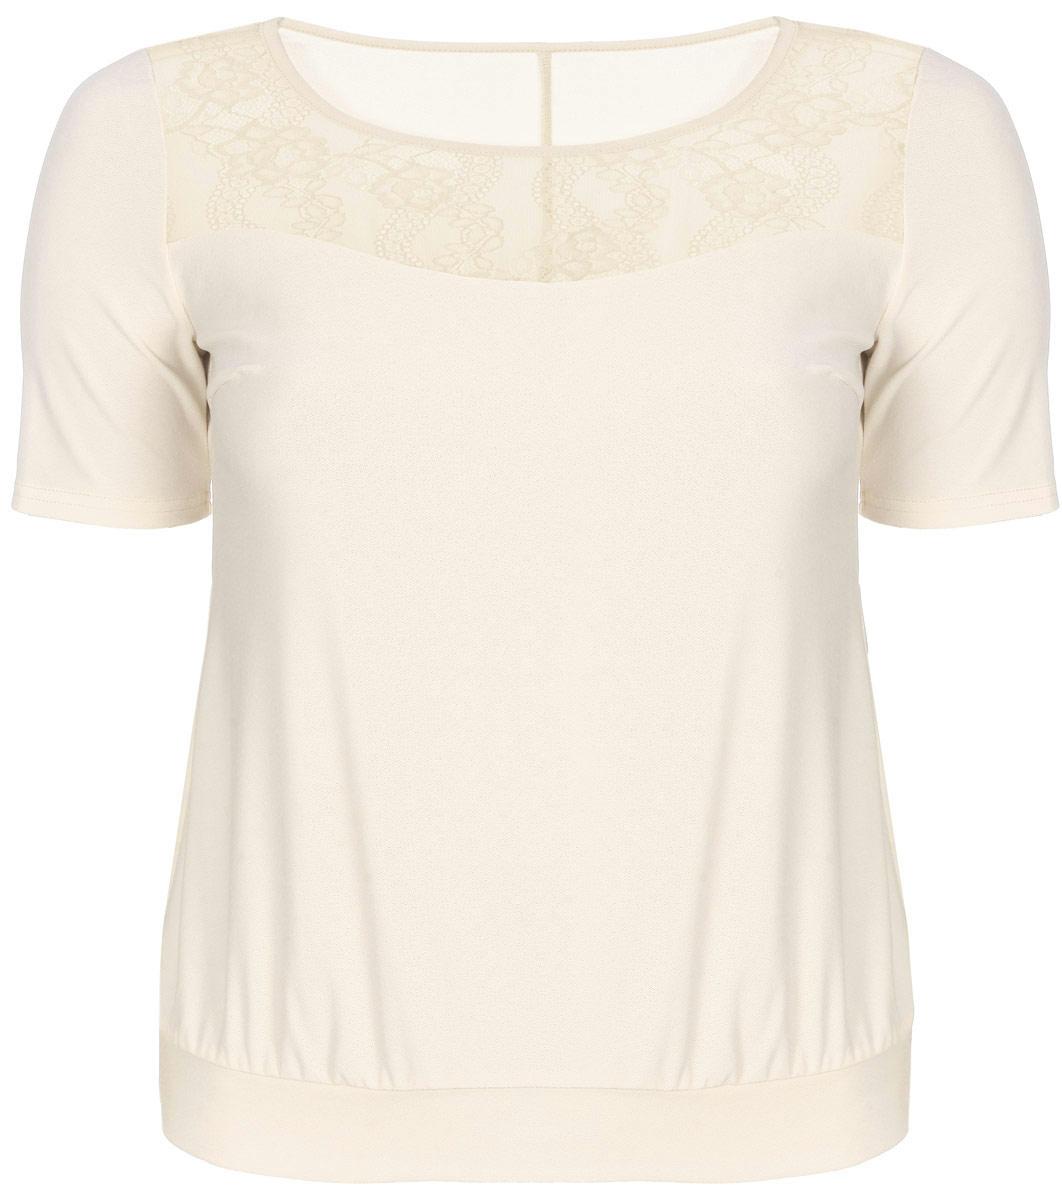 Блузка915мСтильная женская блузка Milana Style, выполненная из полиэстера с добавлением вискозы и лайкры, подчеркнет ваш уникальный стиль и поможет создать женственный образ. Модель с короткими рукавами и круглым вырезом горловины. Низ изделия обработан широкой манжетой. Спереди блуза дополнена ажурной вставкой. Такая блузка будет дарить вам комфорт в течение всего дня и послужит замечательным дополнением к вашему гардеробу.